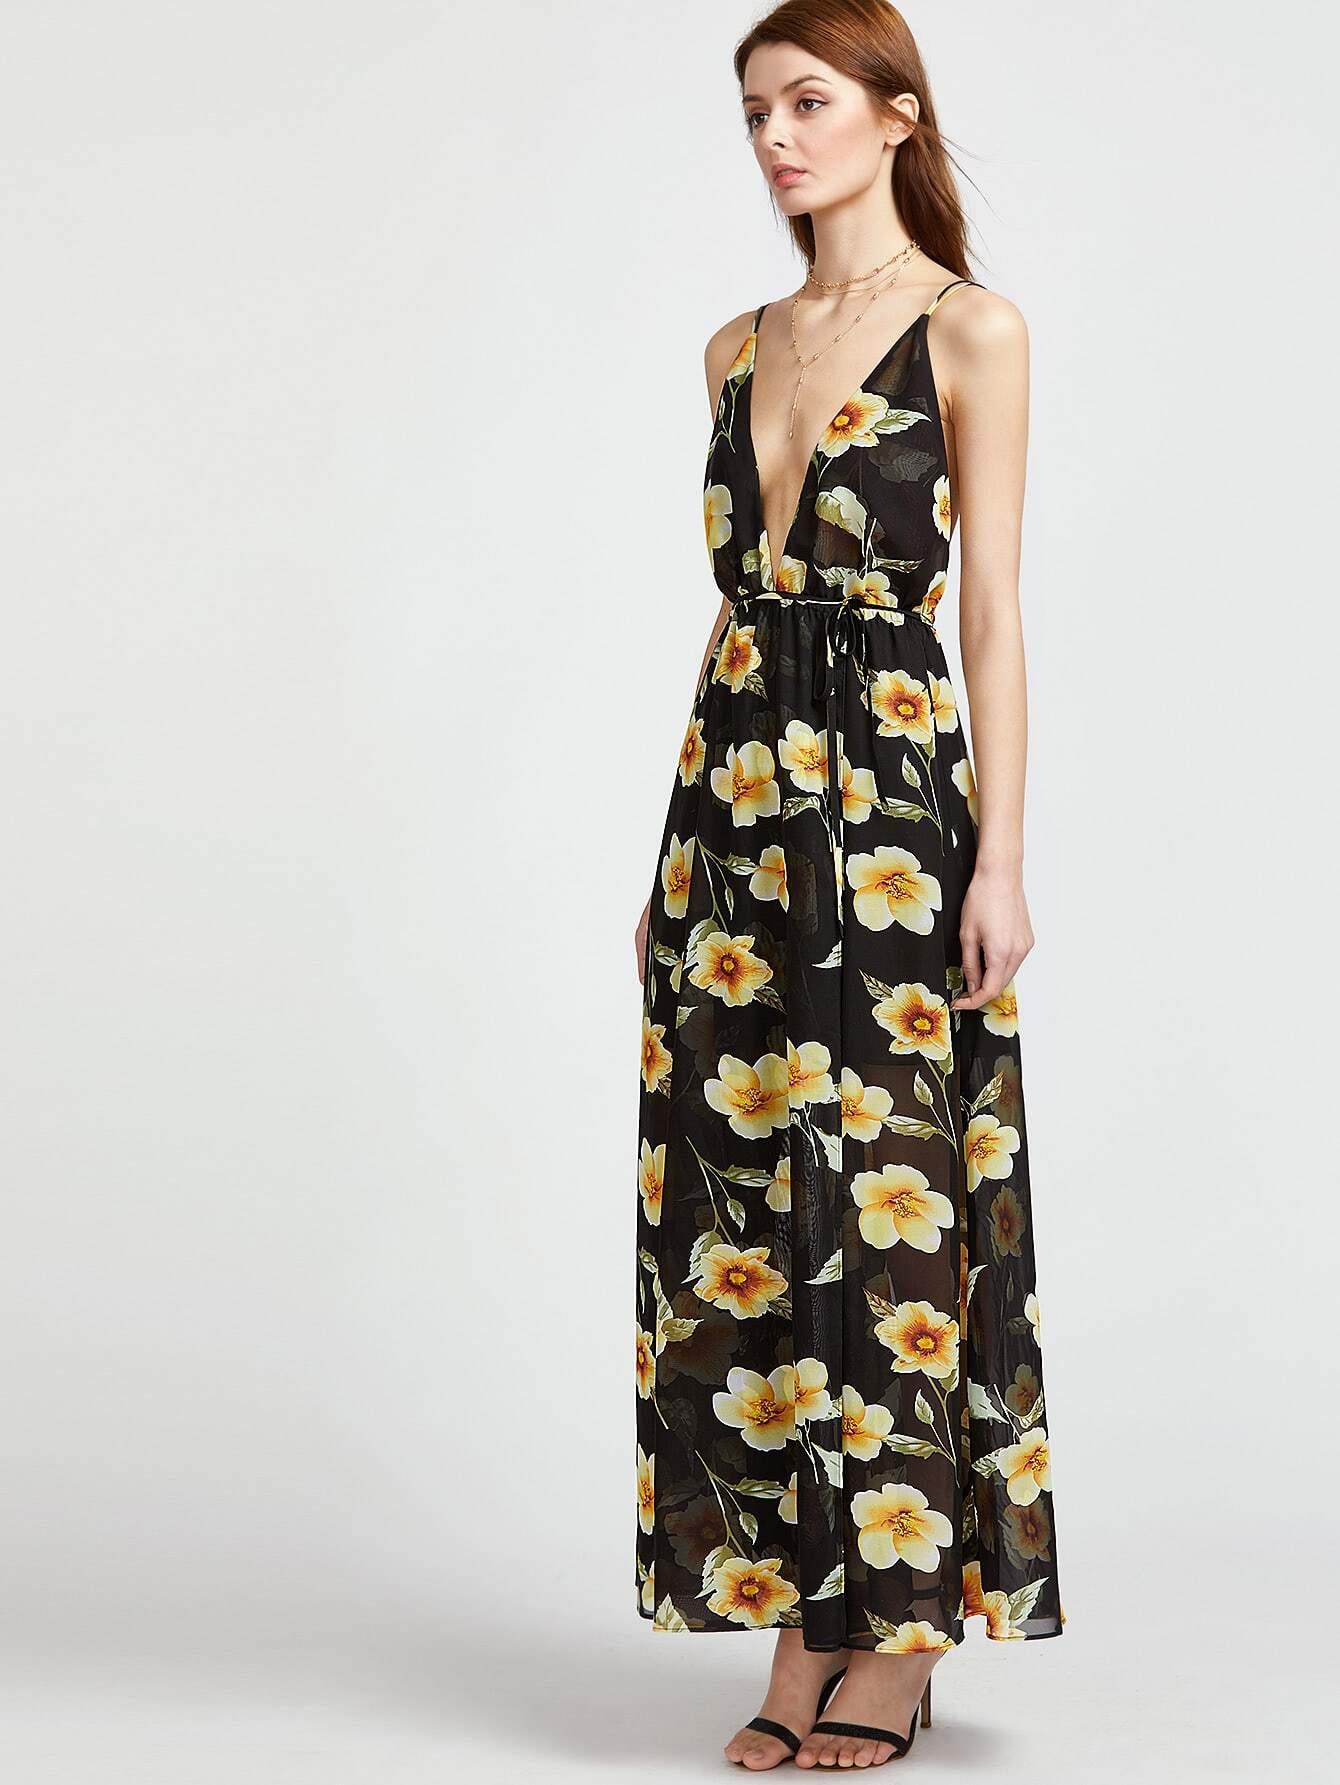 dress170317707_2